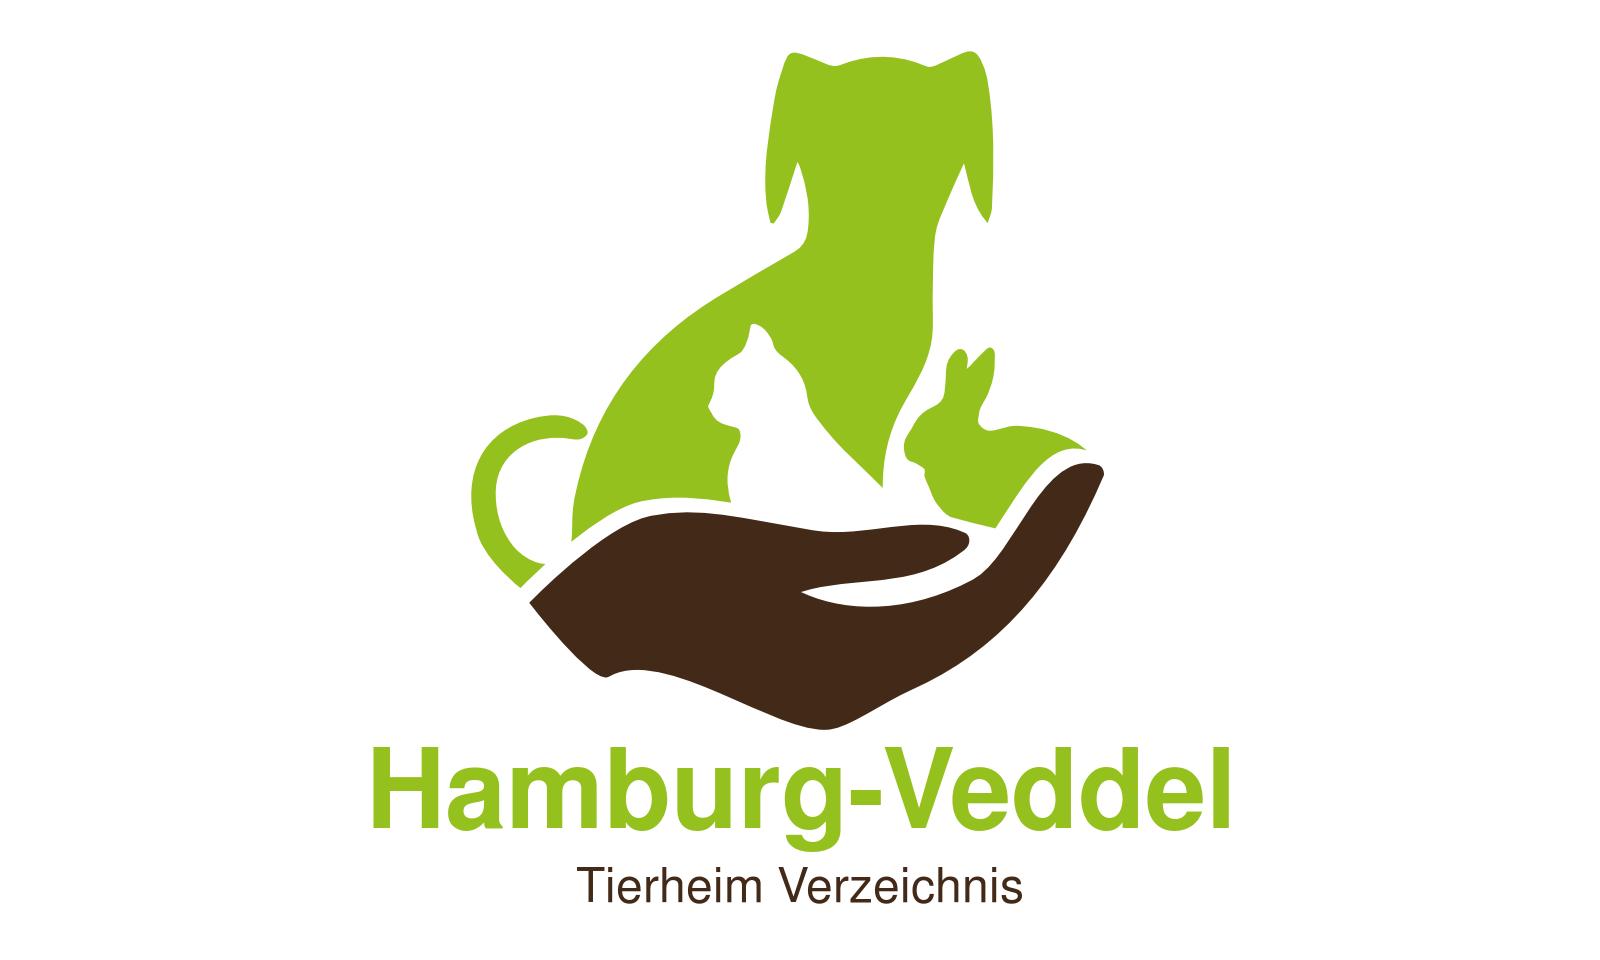 Tierheim Hamburg Veddel